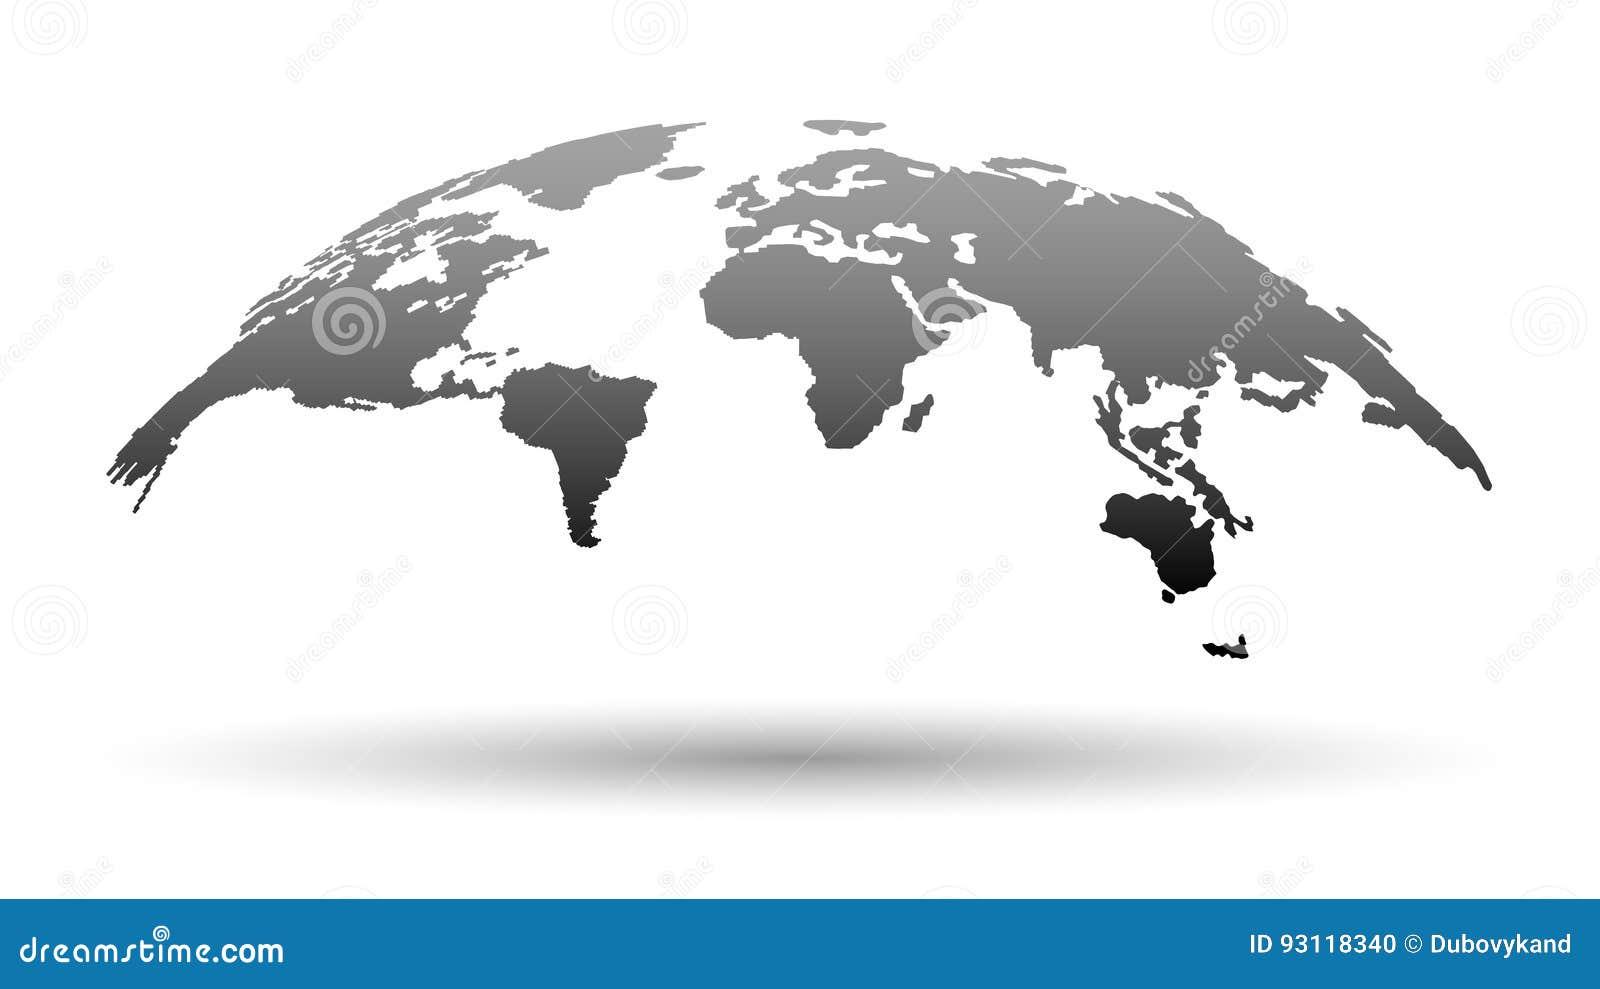 τρισδιάστατος χάρτης του κόσμου στο γκρίζο χρώμα